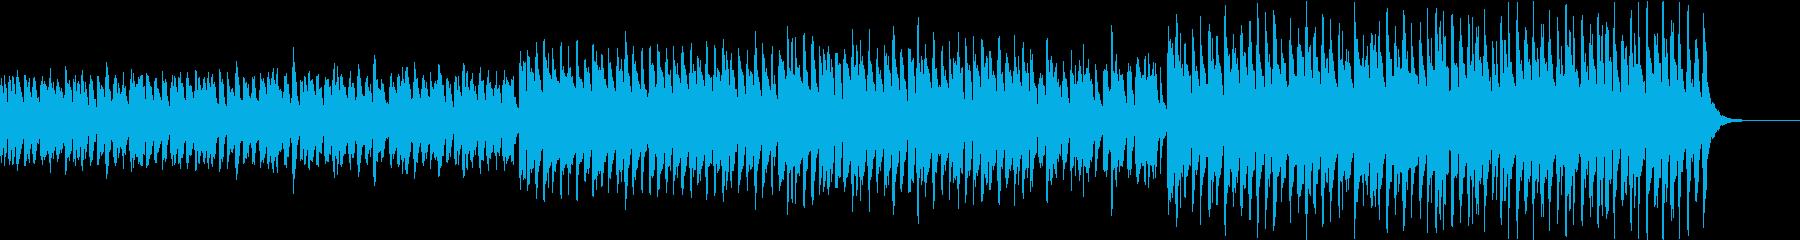 不気味でホラーな雰囲気のハロウィン曲の再生済みの波形